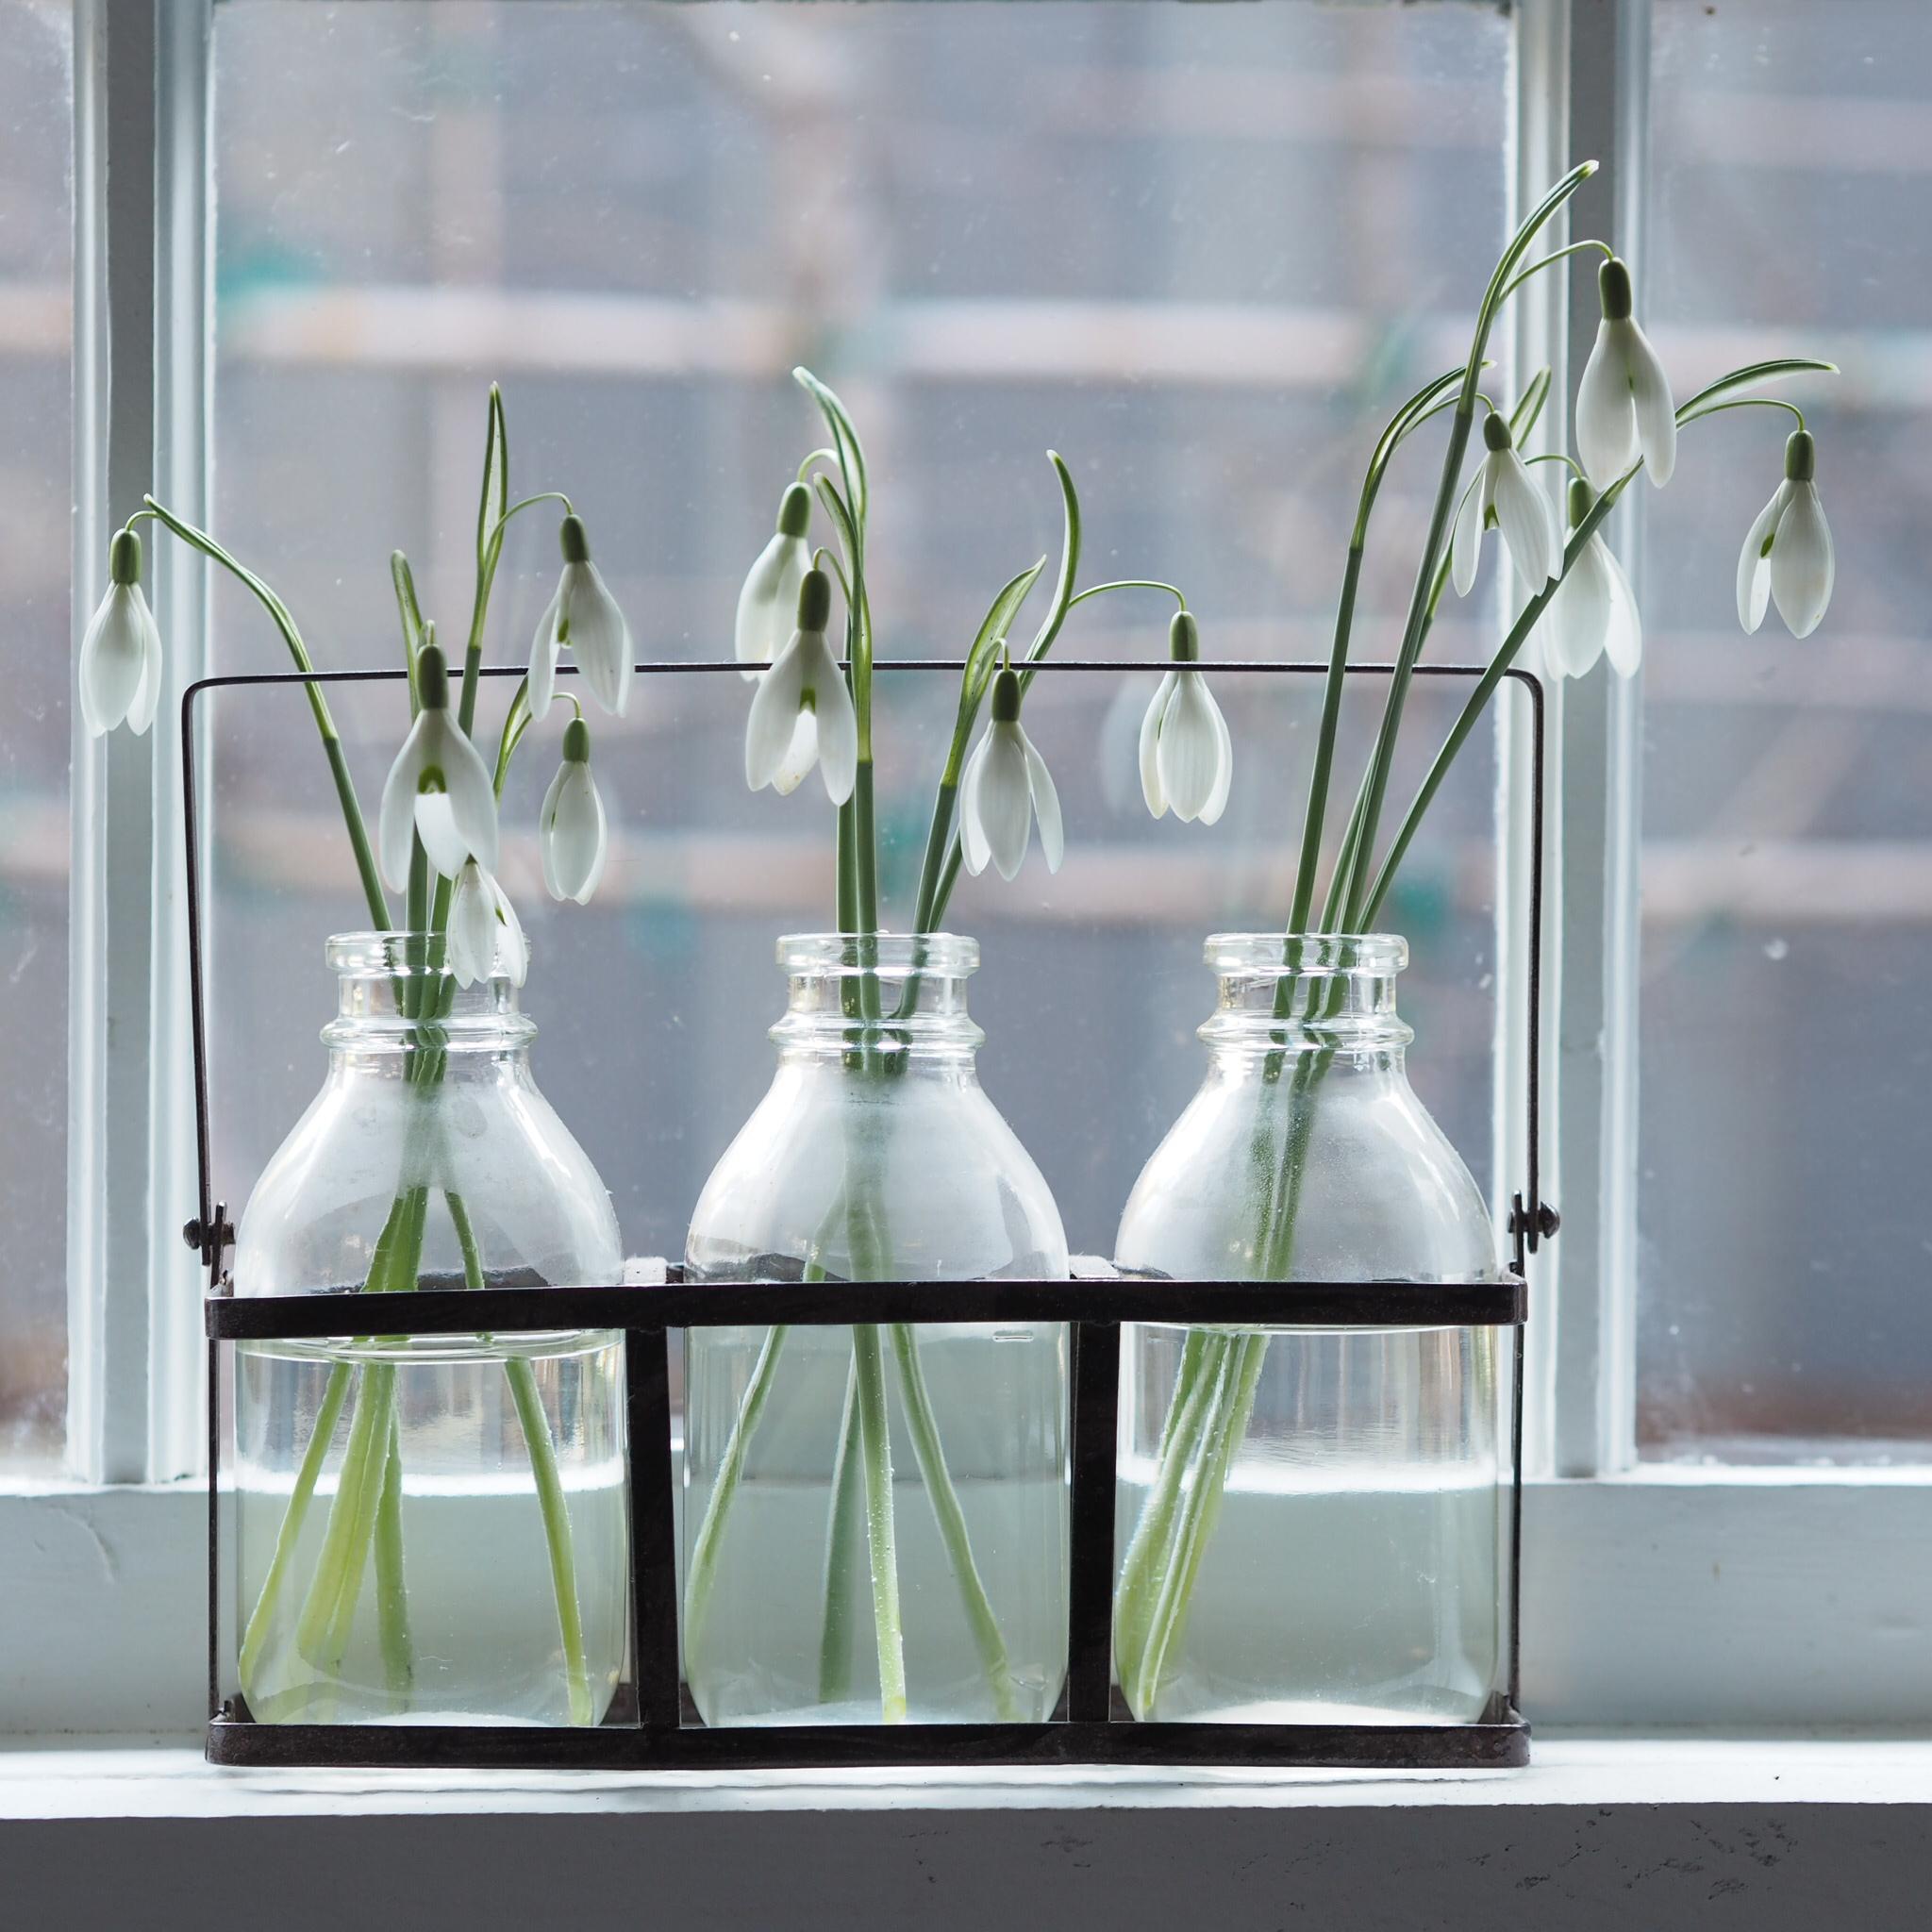 snowdrops in vases